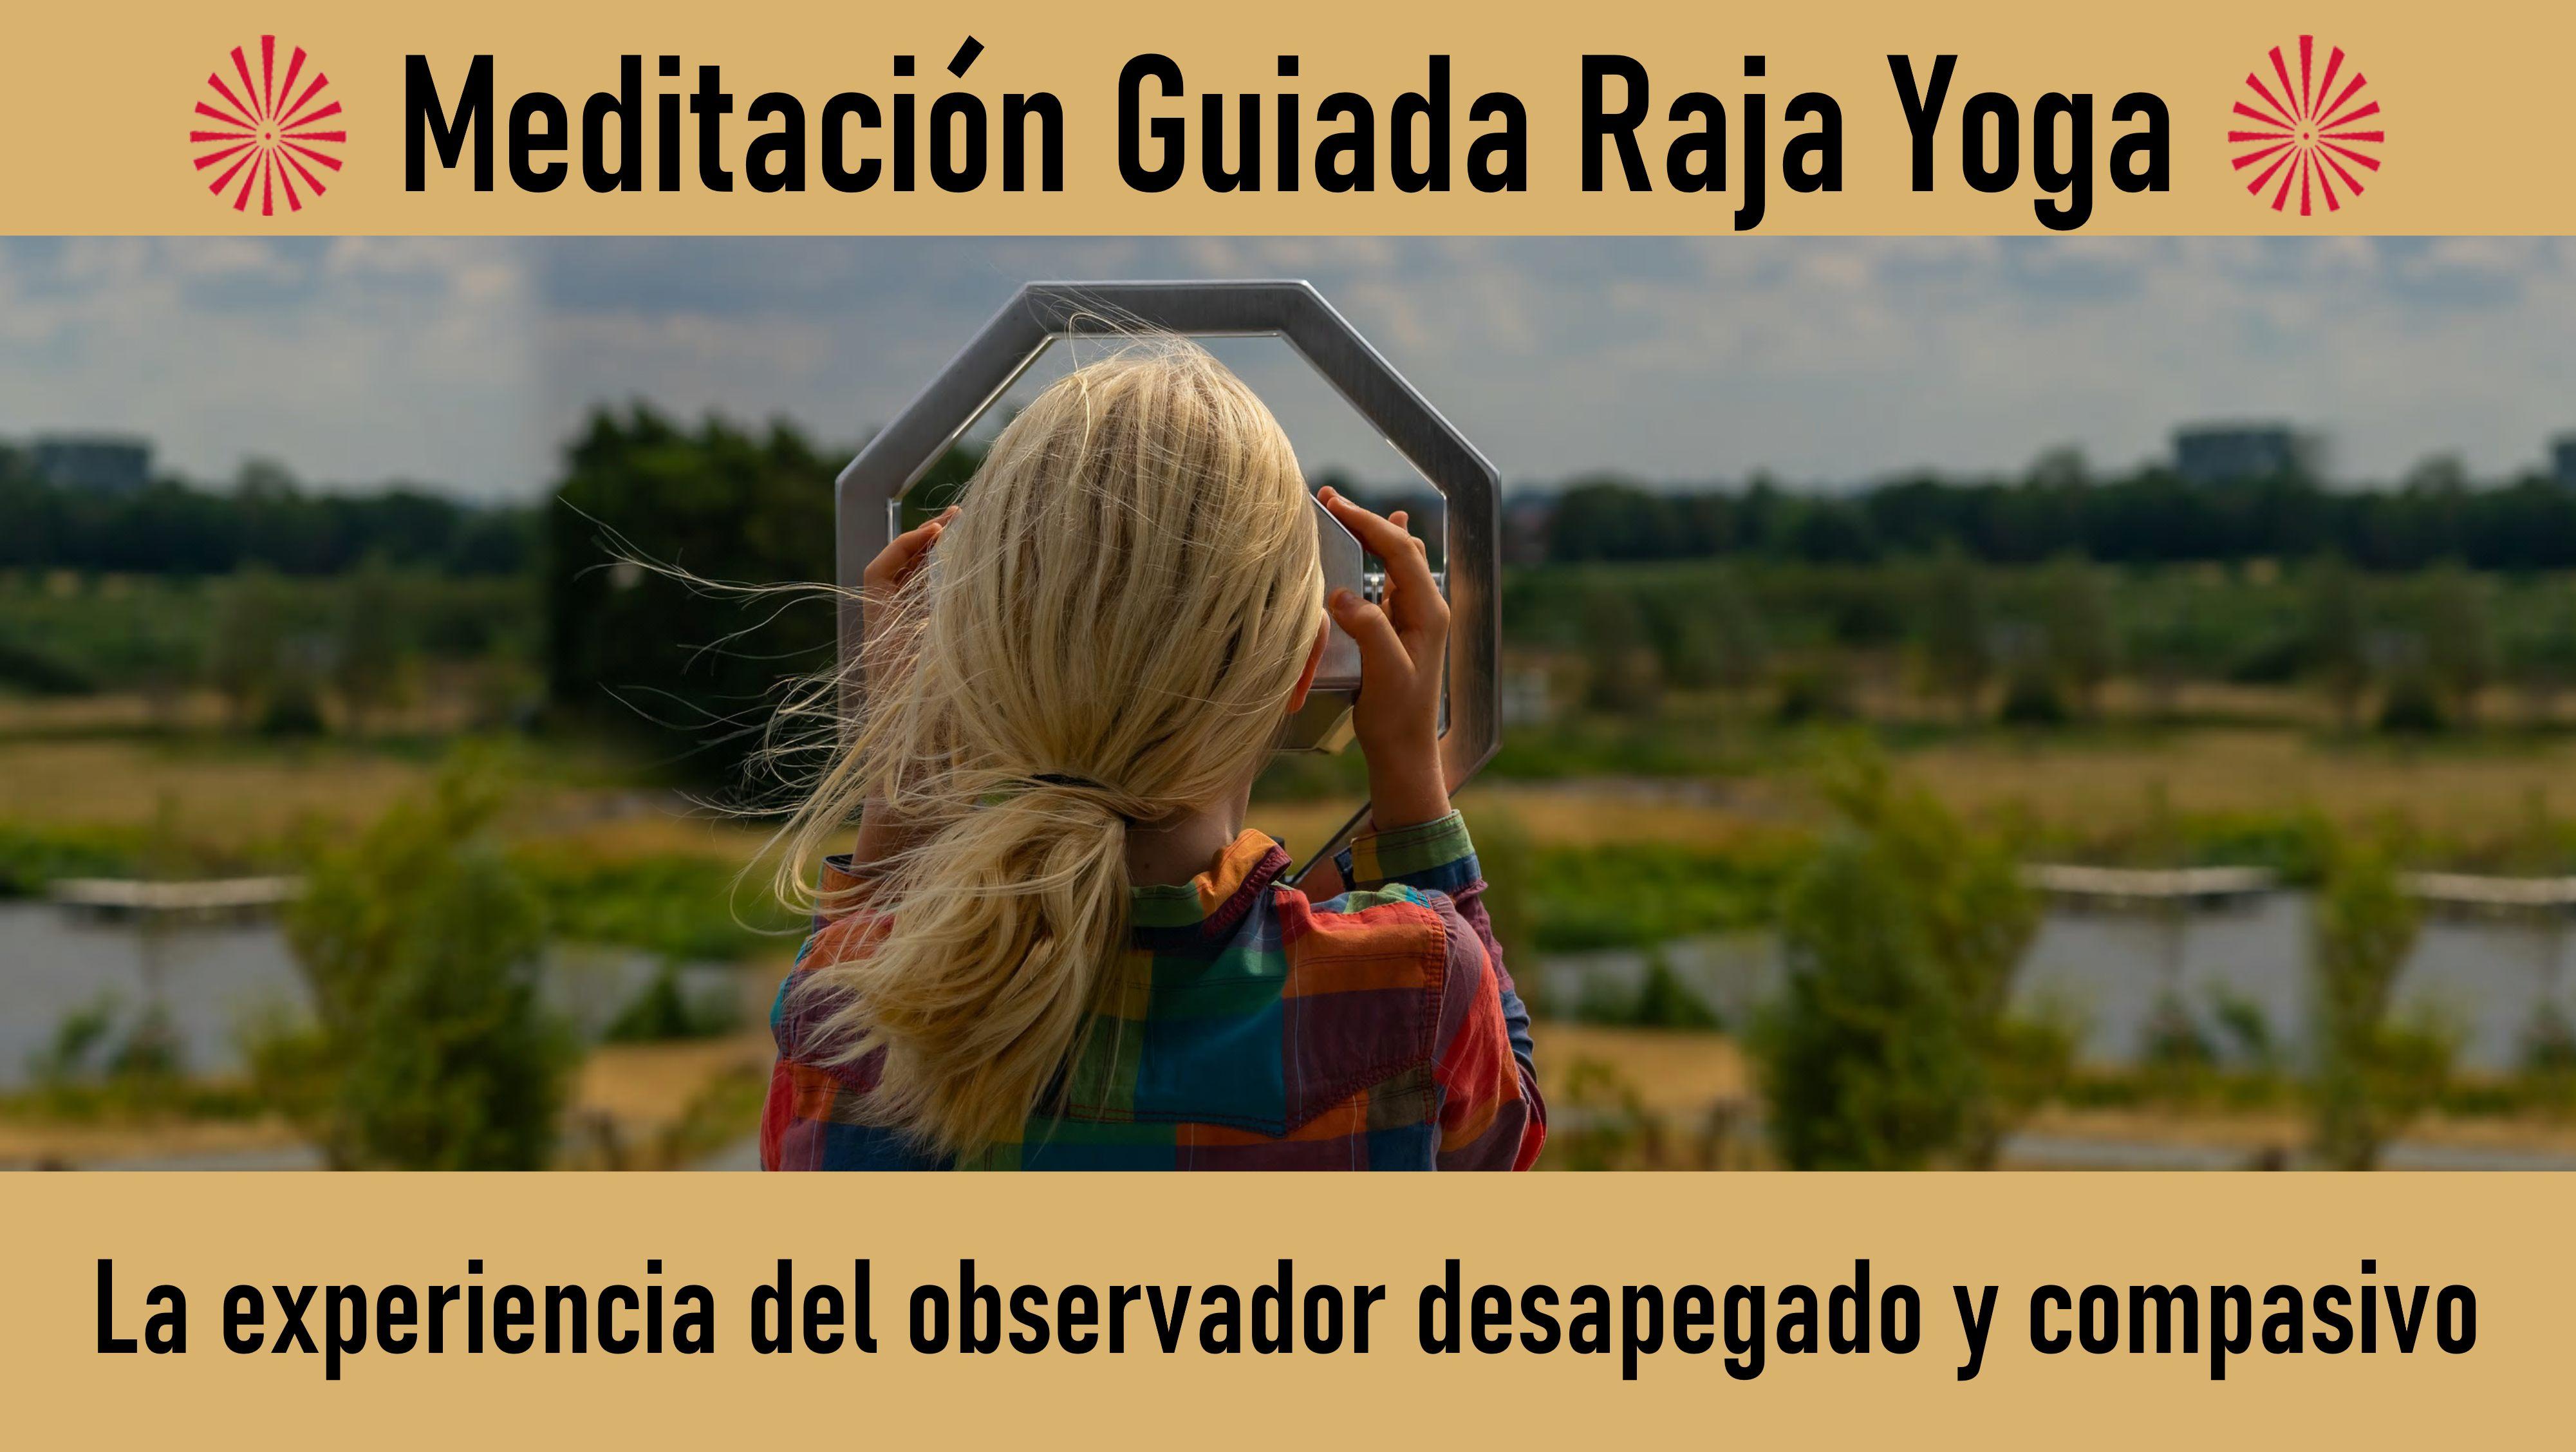 2 Julio 2020 Meditación Guiada; La experiencia del observador desapegado y compasivo